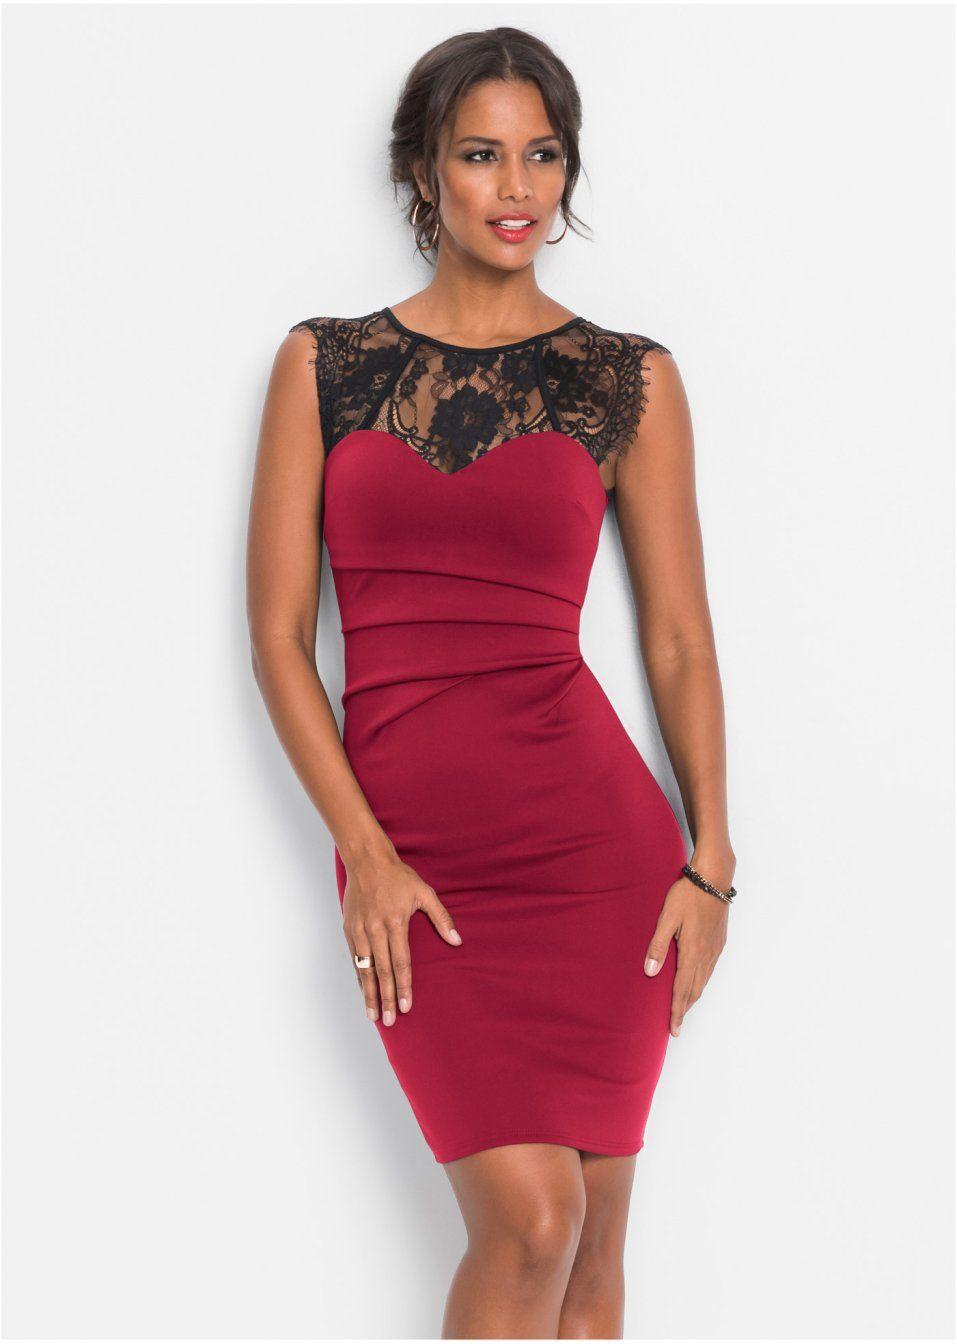 e8bd4aa798ec Förtrollande klänning med spetsinfällning, svart/röd, strl. 36/38. Pris